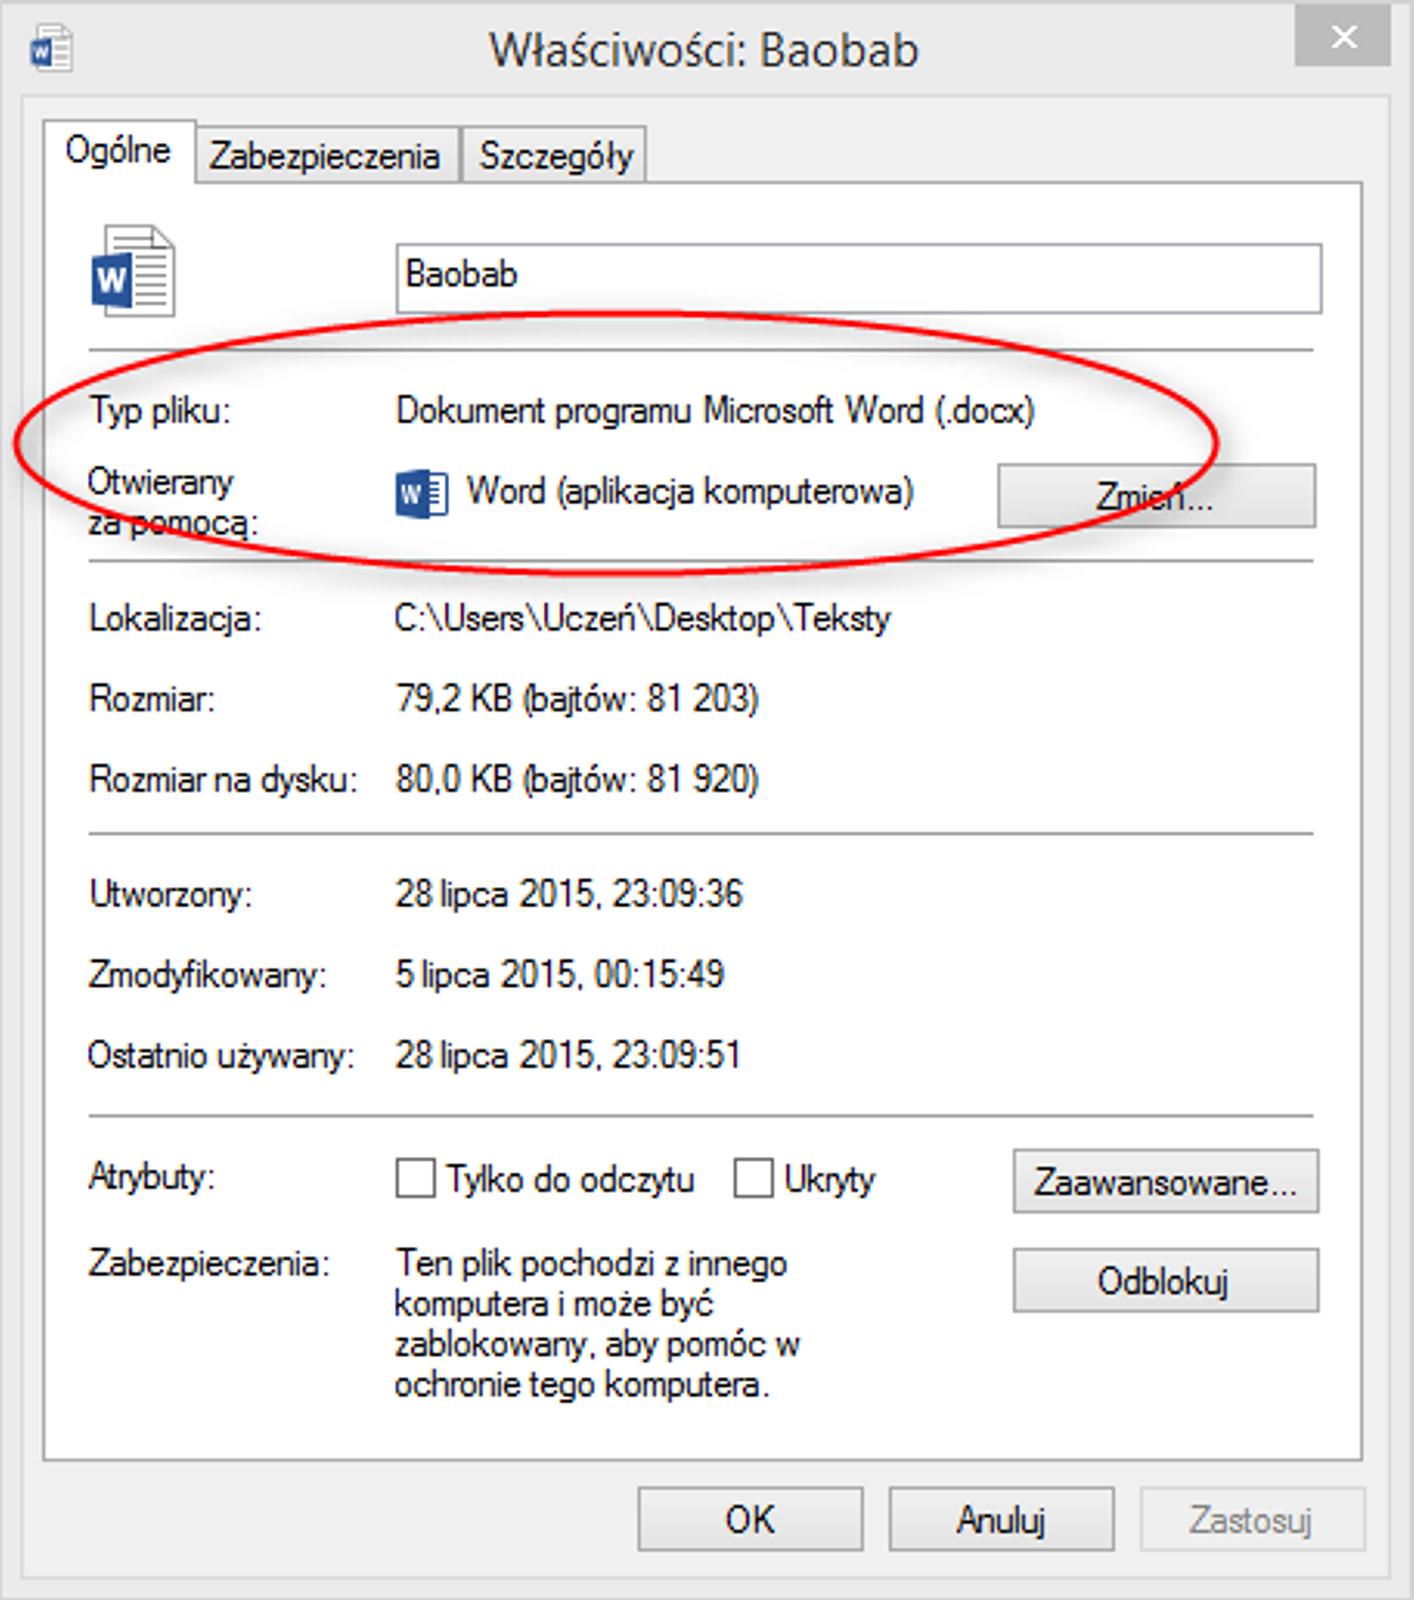 Zrzut okna: Właściwości wprogramie MS Word